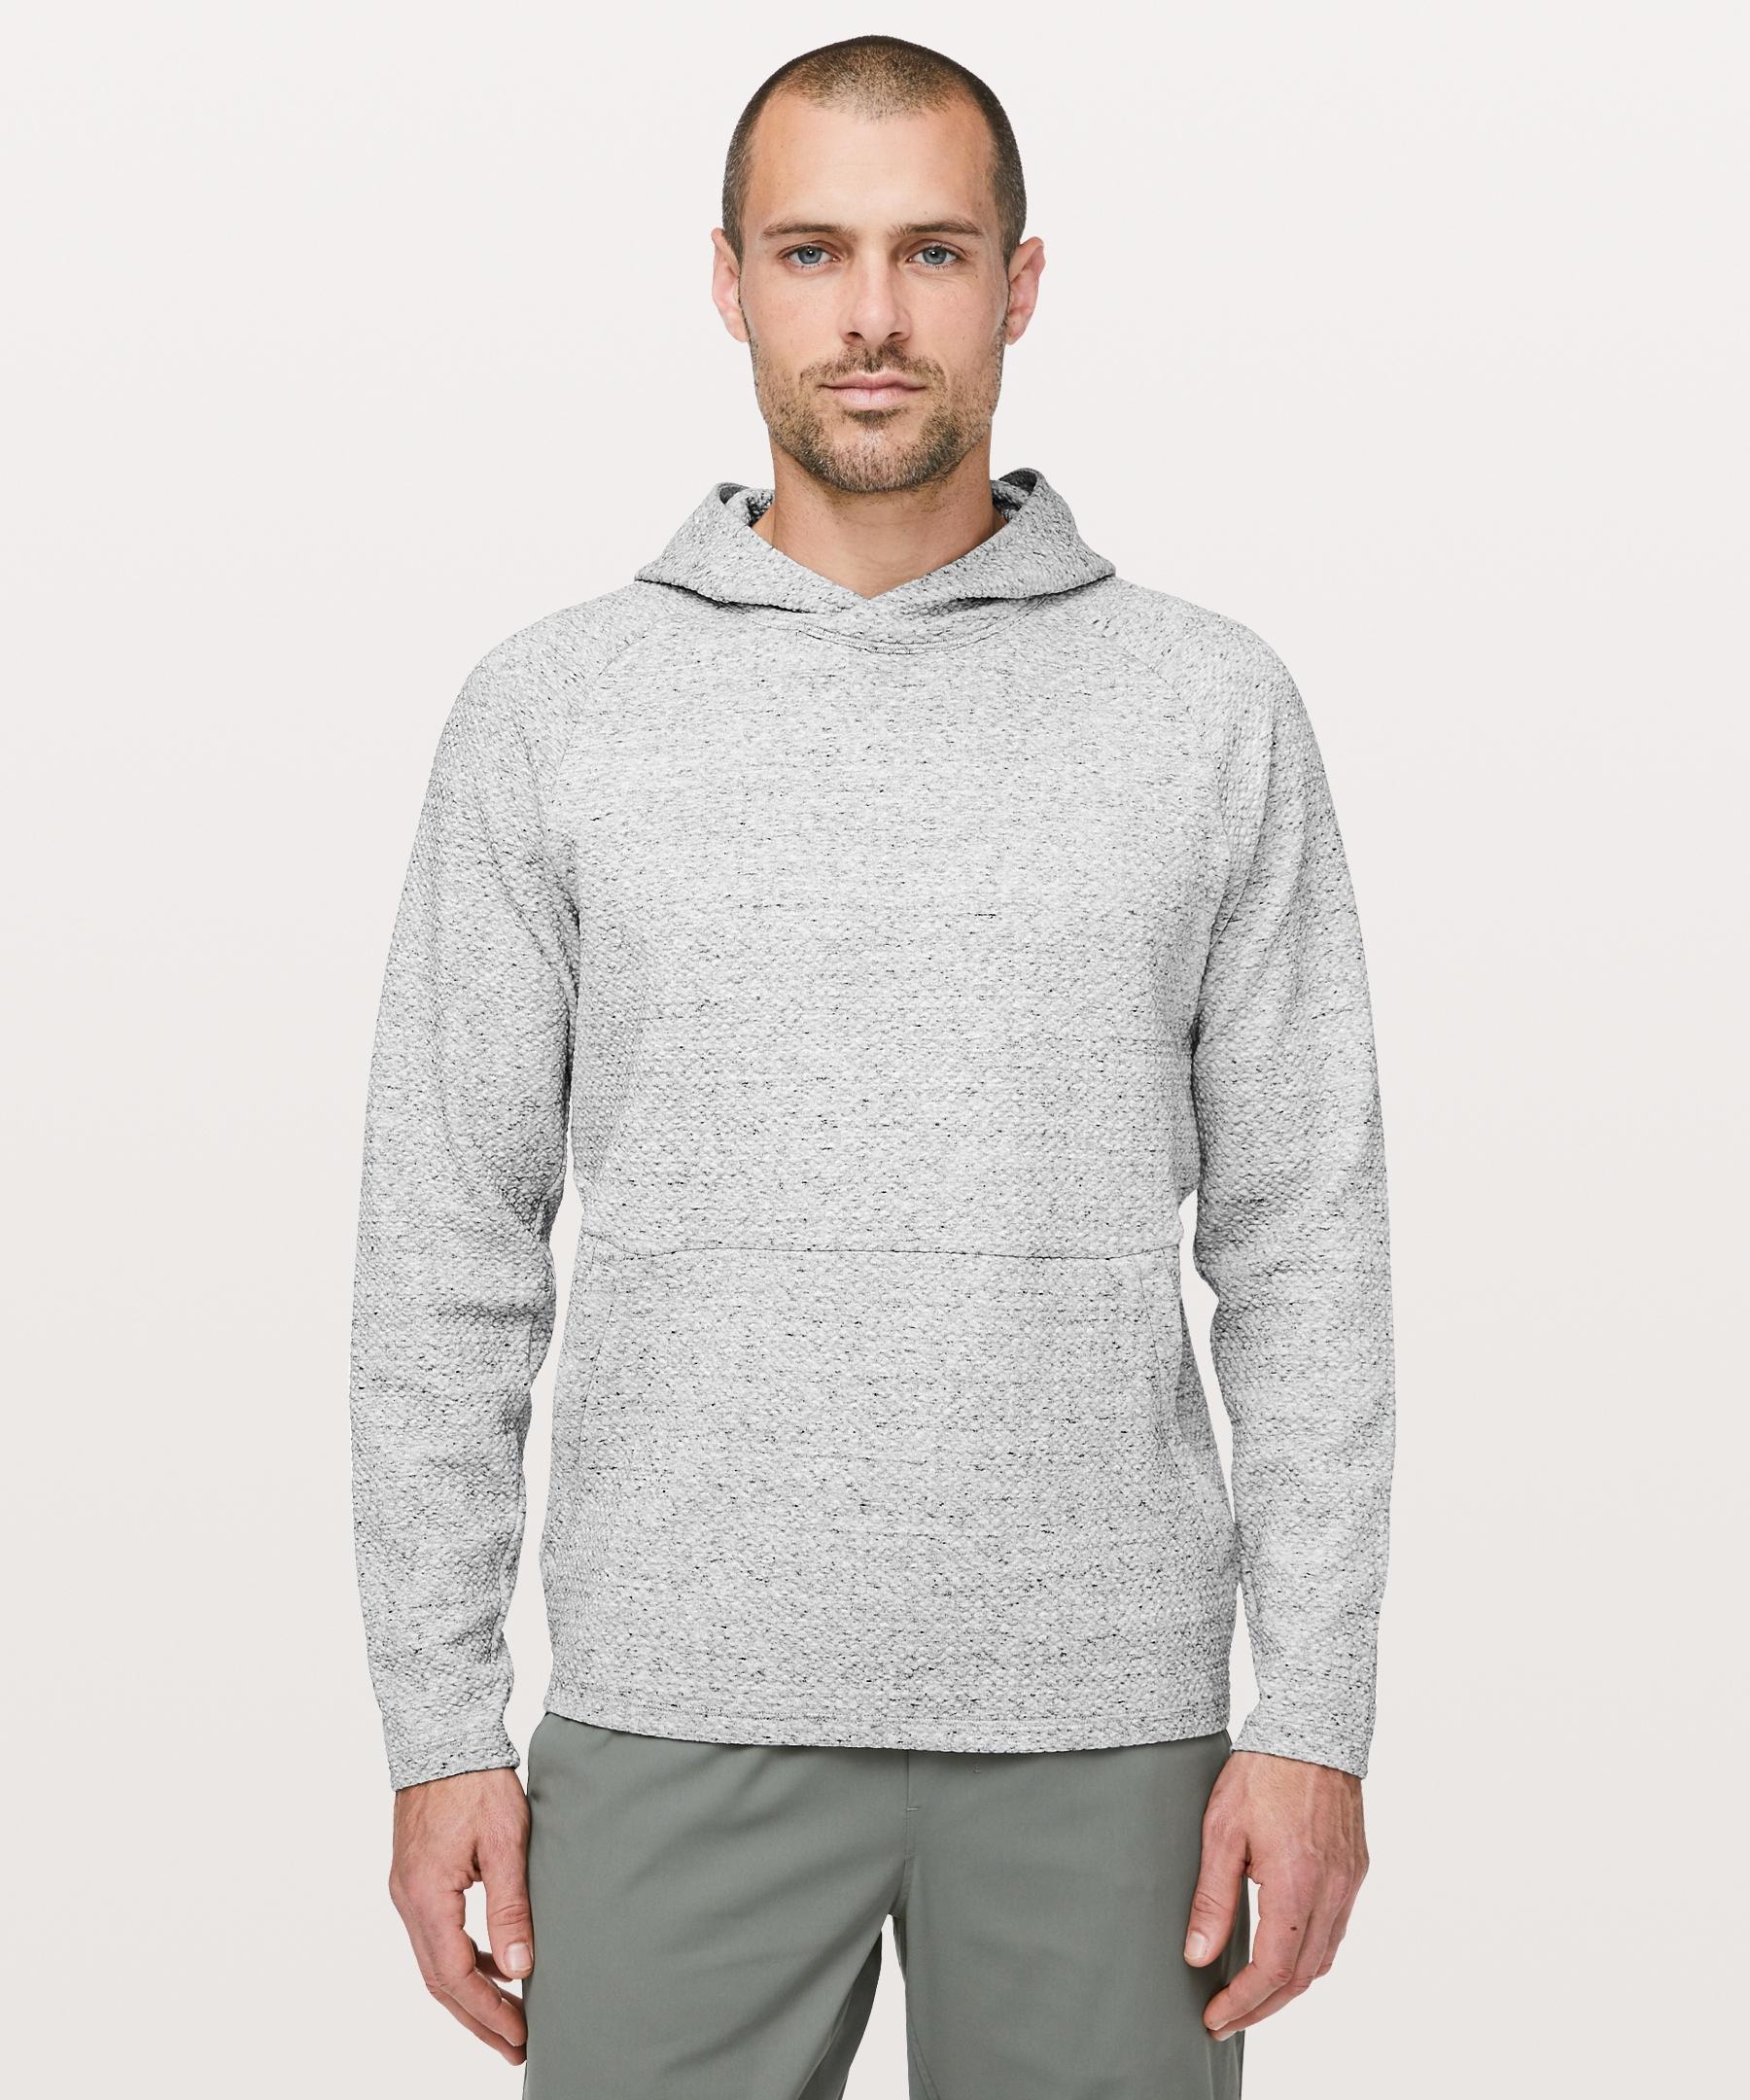 At Ease Hoodie Men S Jackets Hoodies Lululemon In 2021 Hoodies Men Hoodies Mens Sweatshirts [ 2160 x 1800 Pixel ]